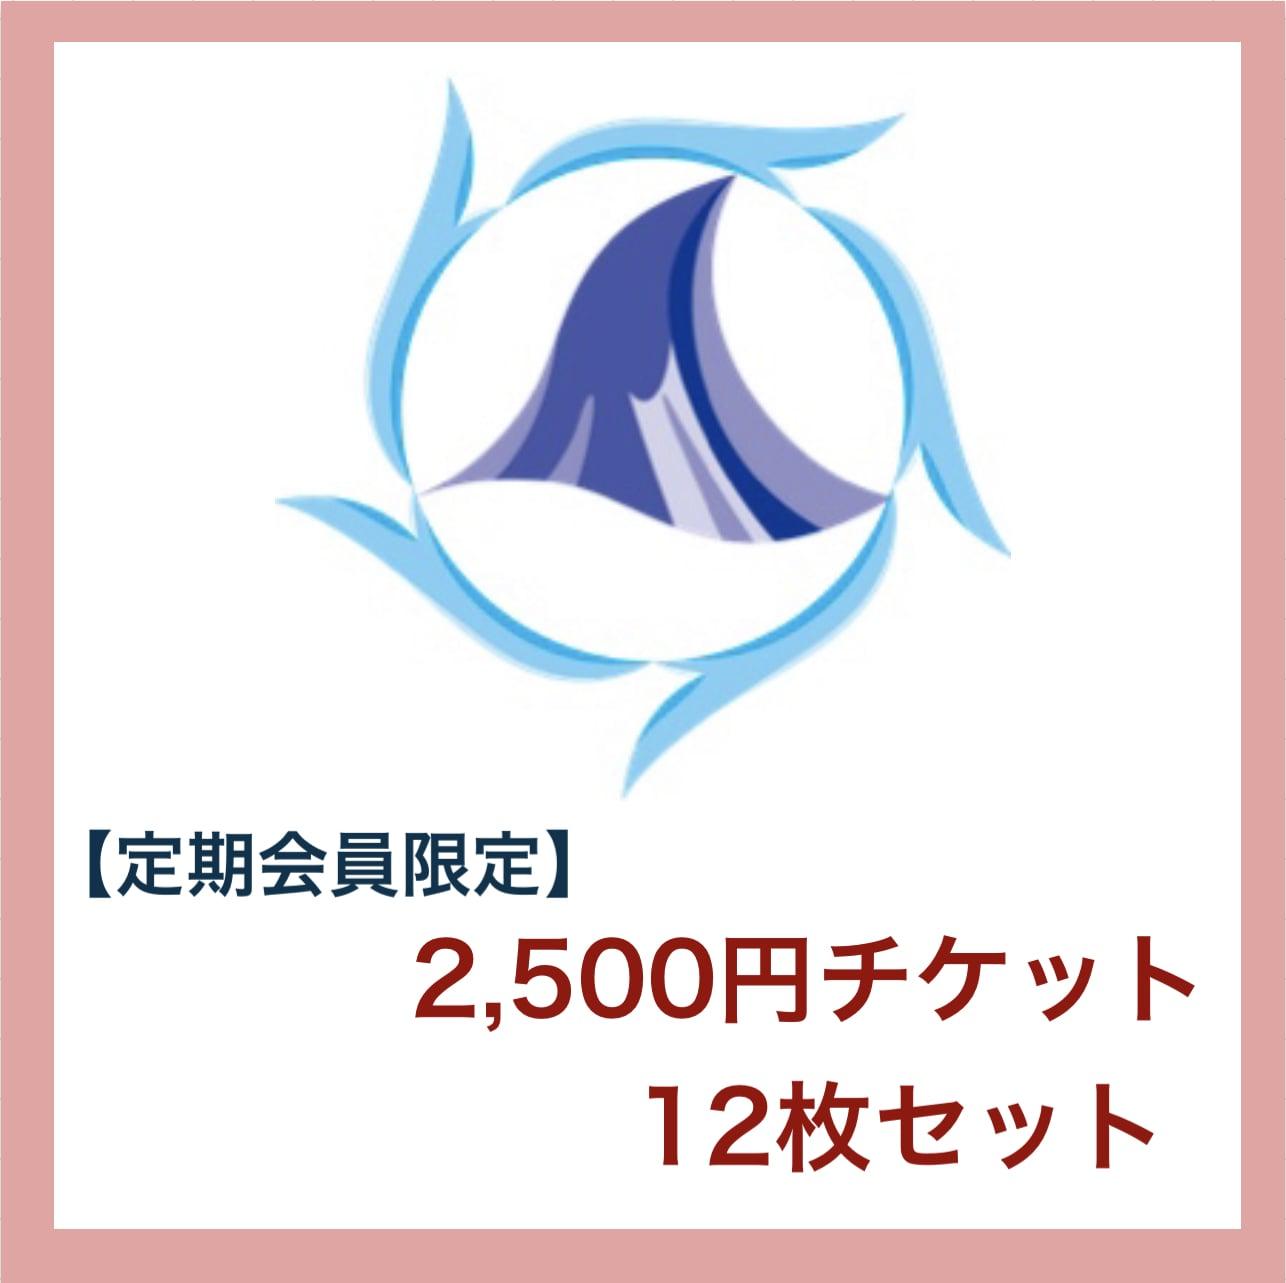 パリナーマ茅ヶ崎【会員限定】 ¥2,500チケット 12枚セットのイメージその1